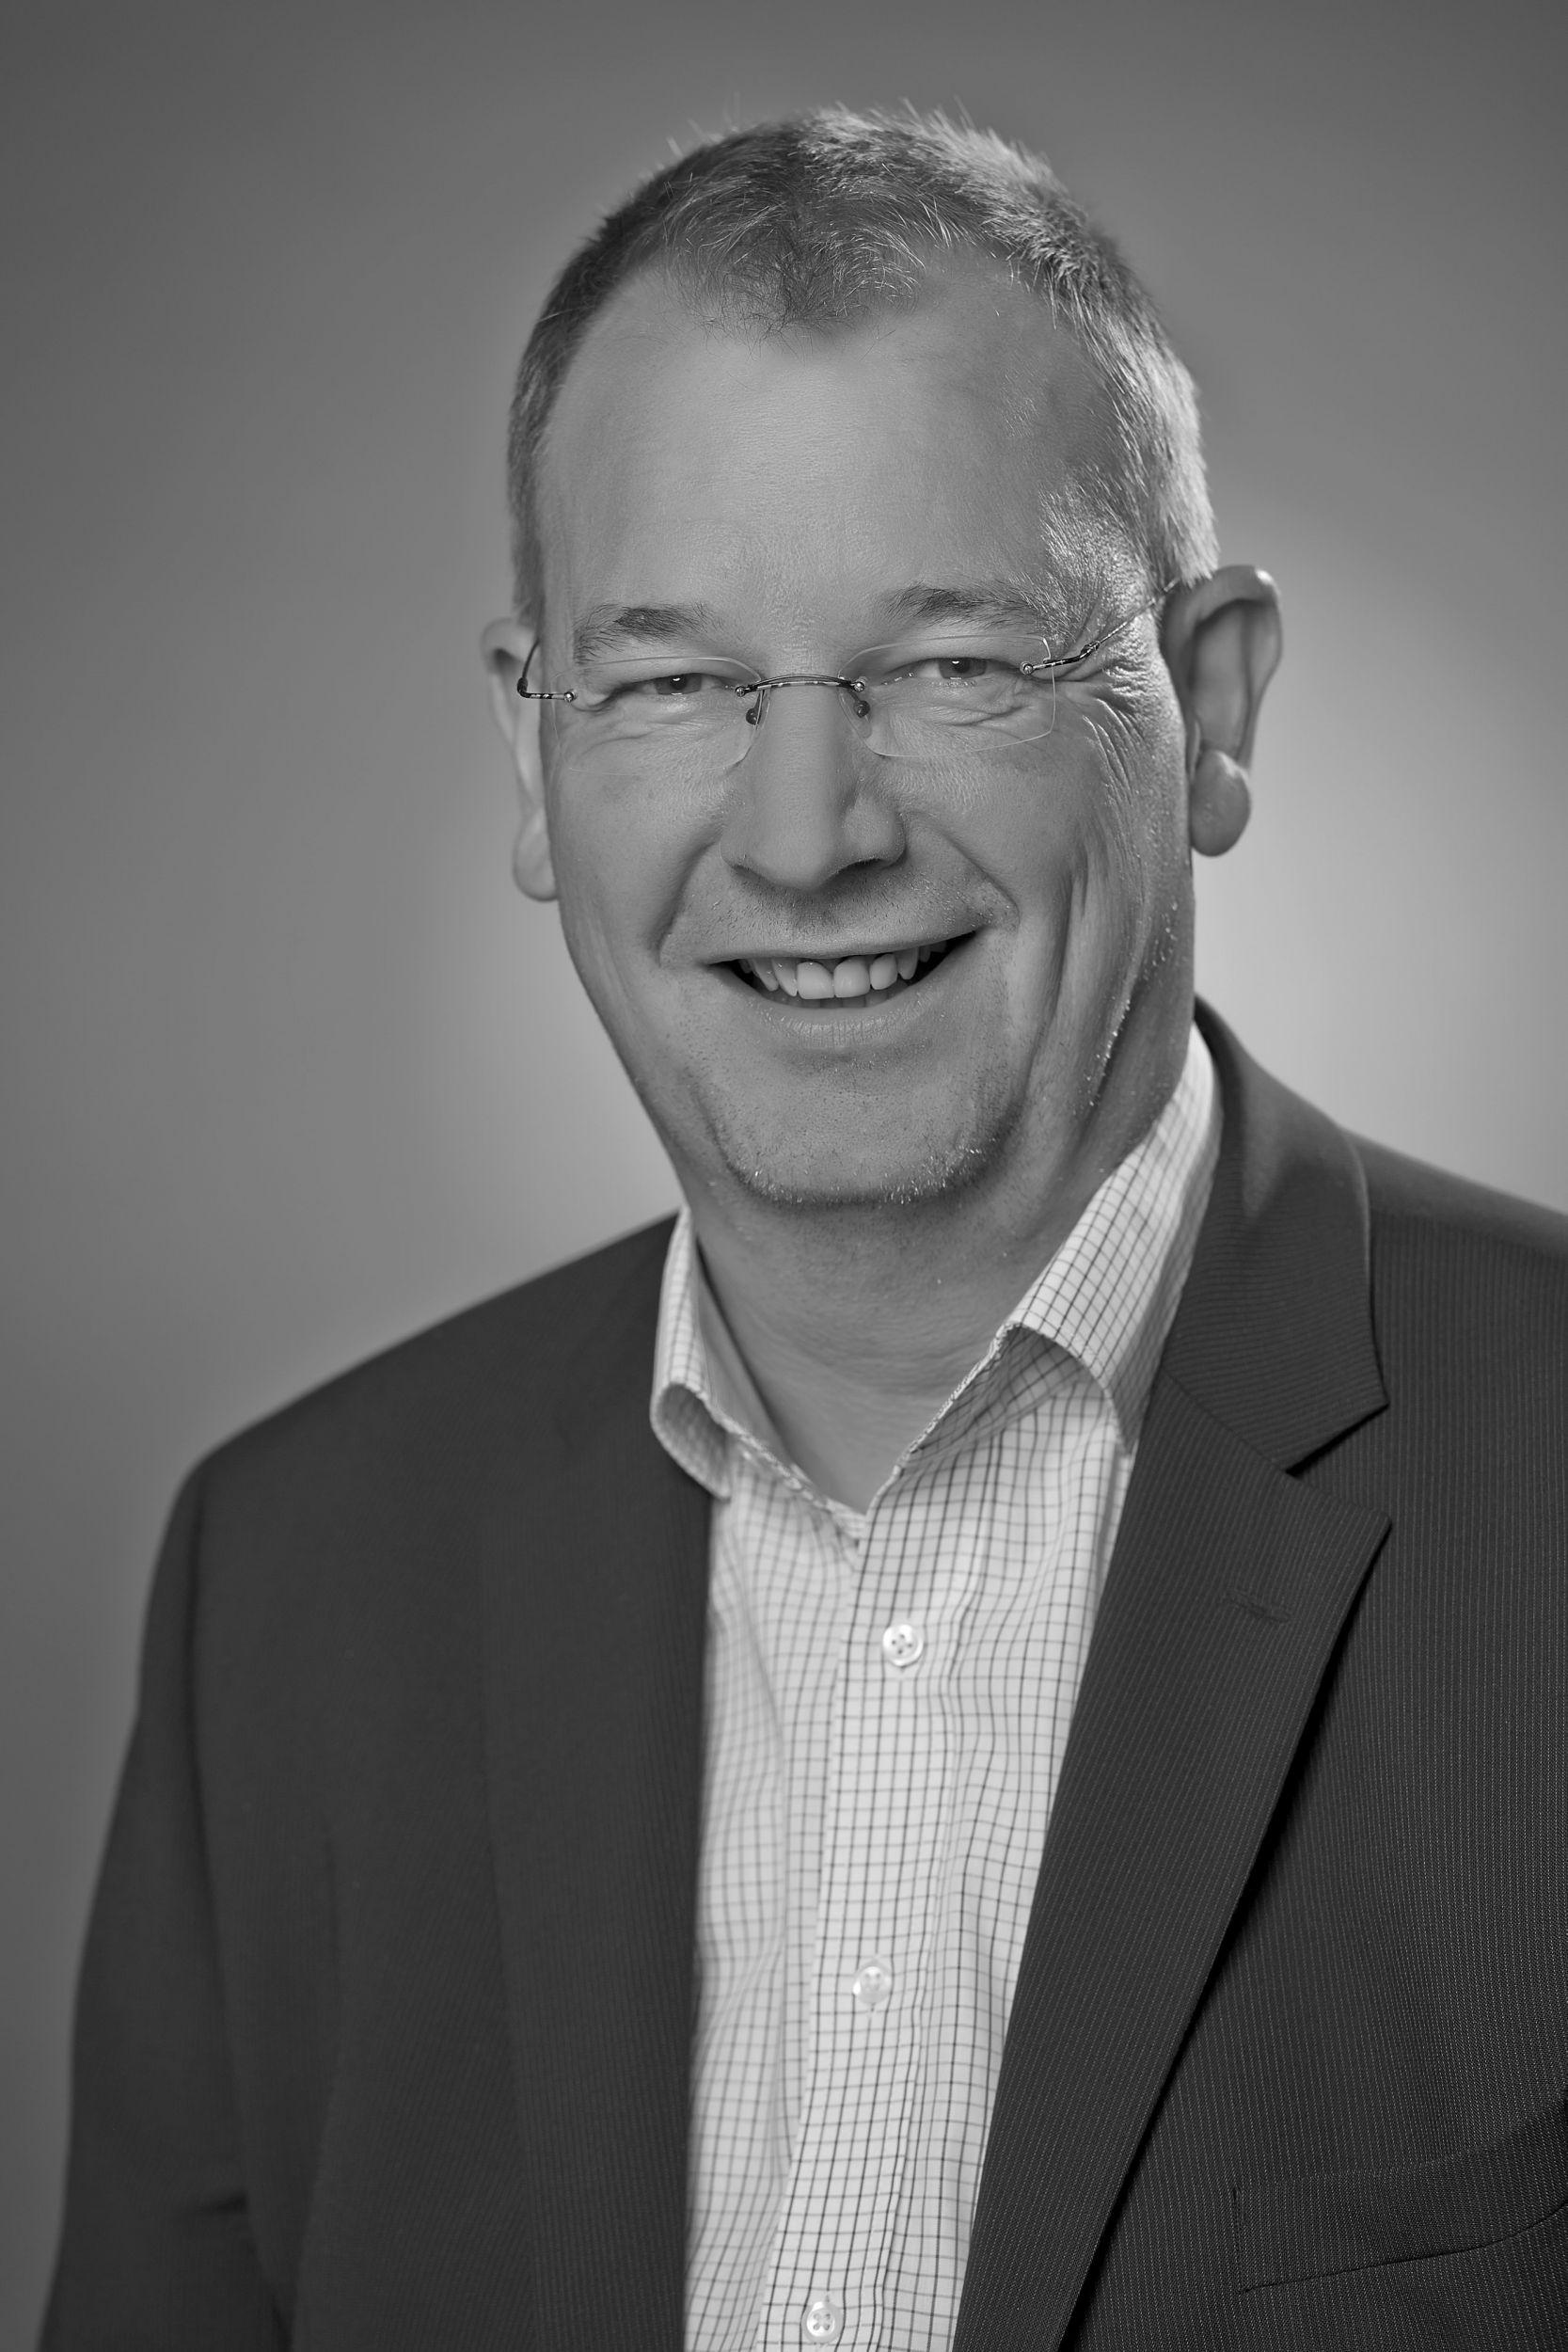 ^ Neuer Geschäftsführer bei Oktalite - GBÄUDDIGIL